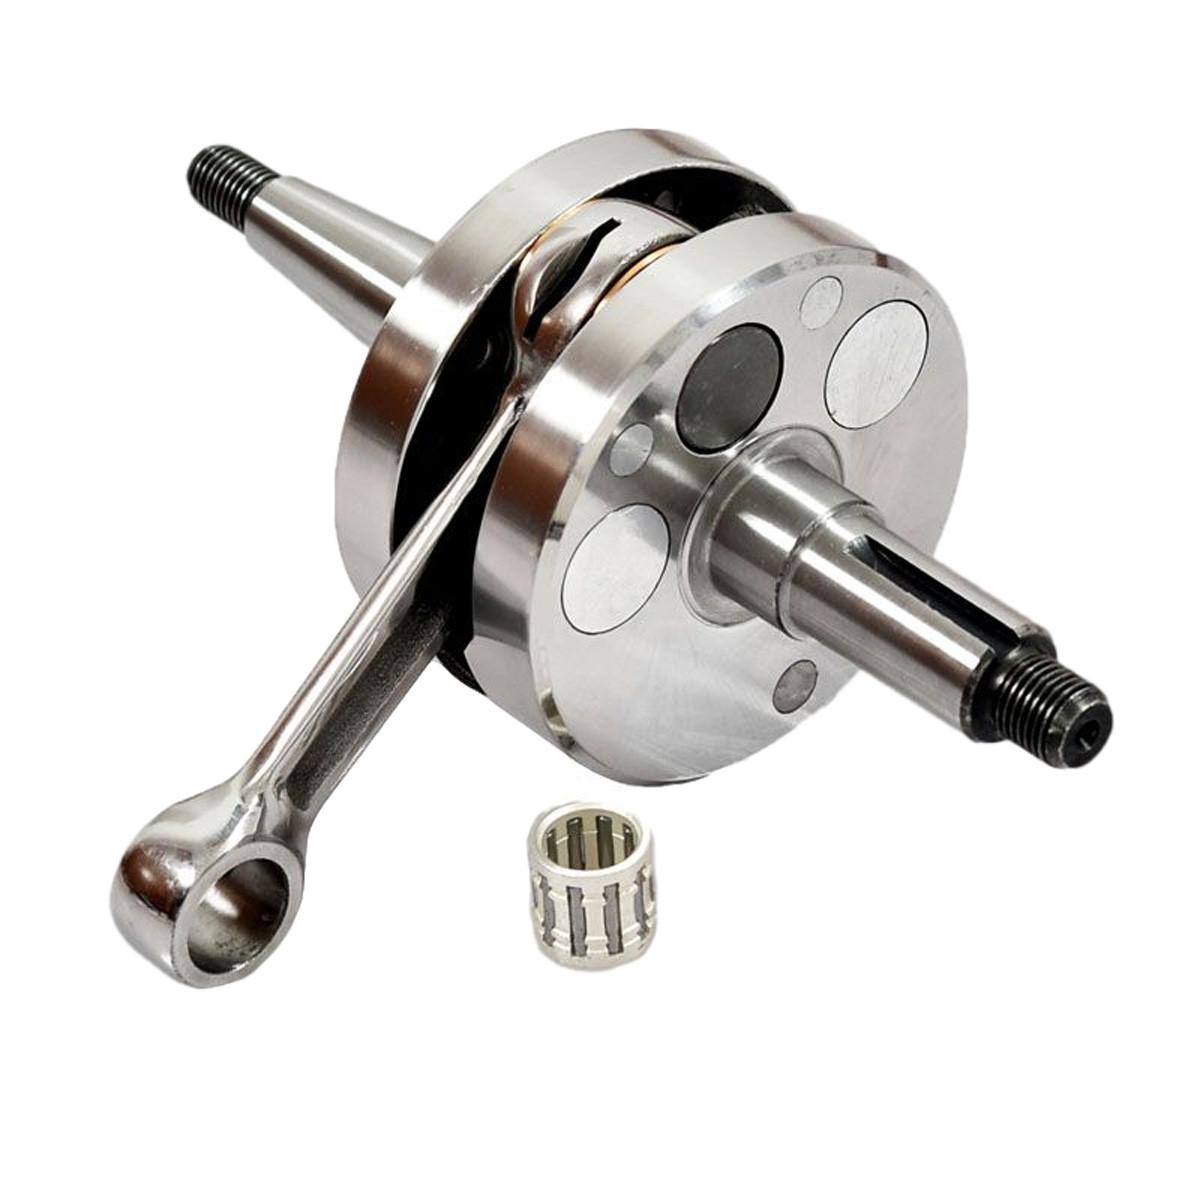 Vilebrequin AM6 Course 47.6mm - Bielle 90 - MVT SC VI24